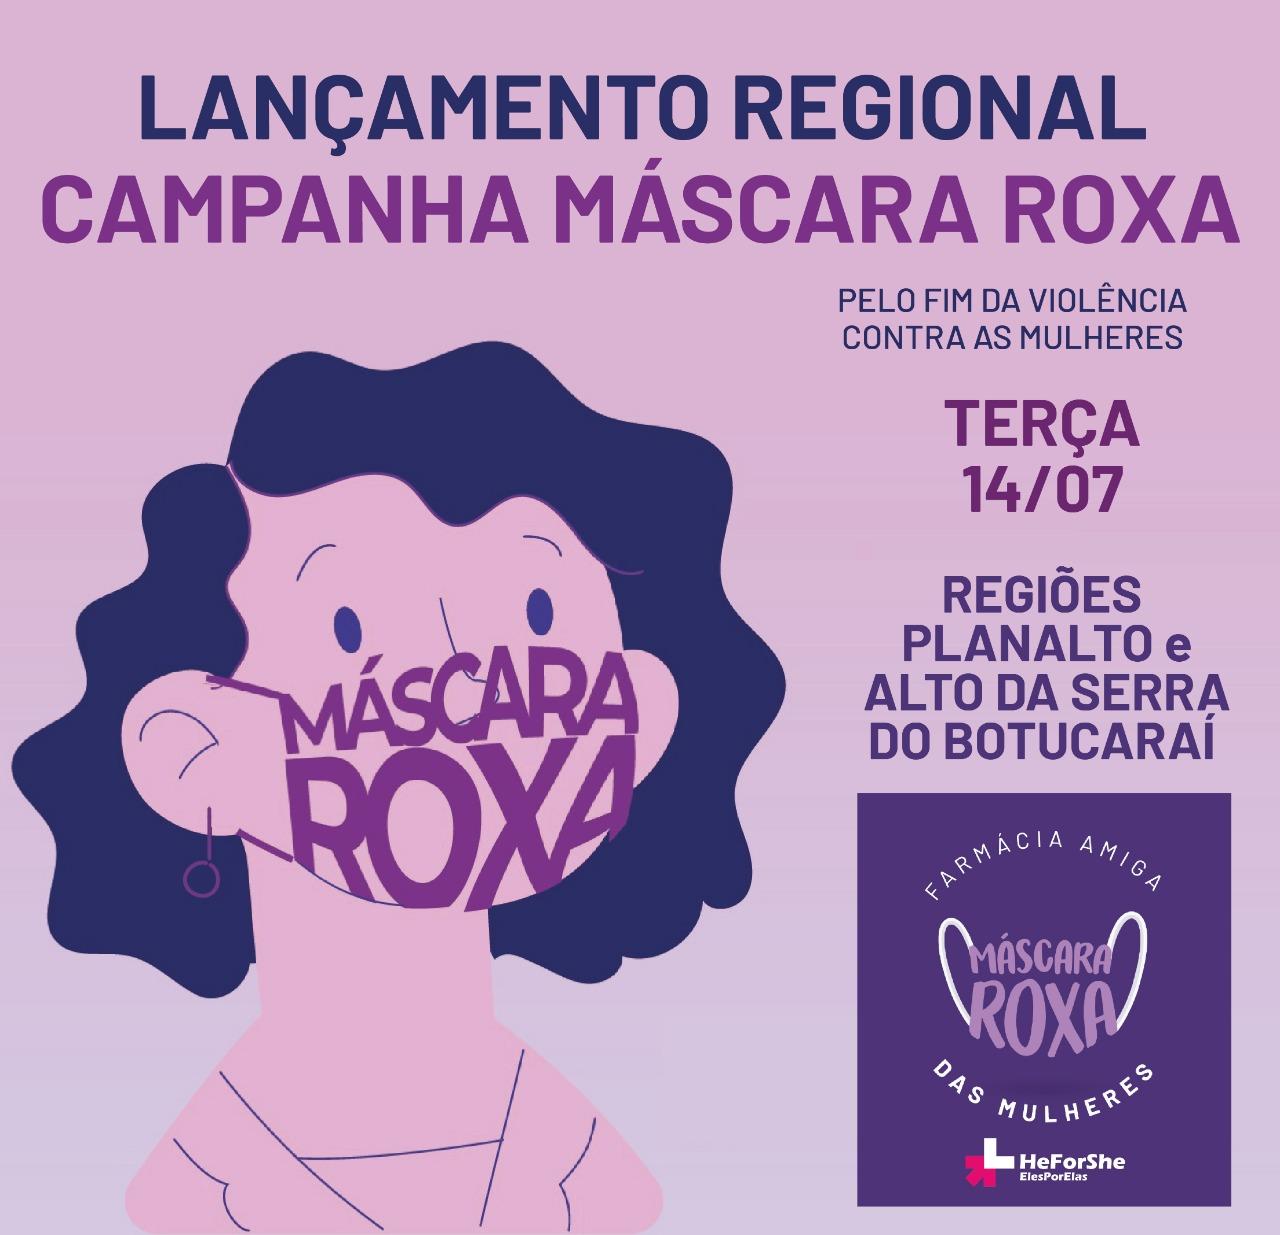 Comitê Gaúcho da ONU Mulheres lança Campanha Máscara Roxa nas regiões de Passo Fundo e Soledade